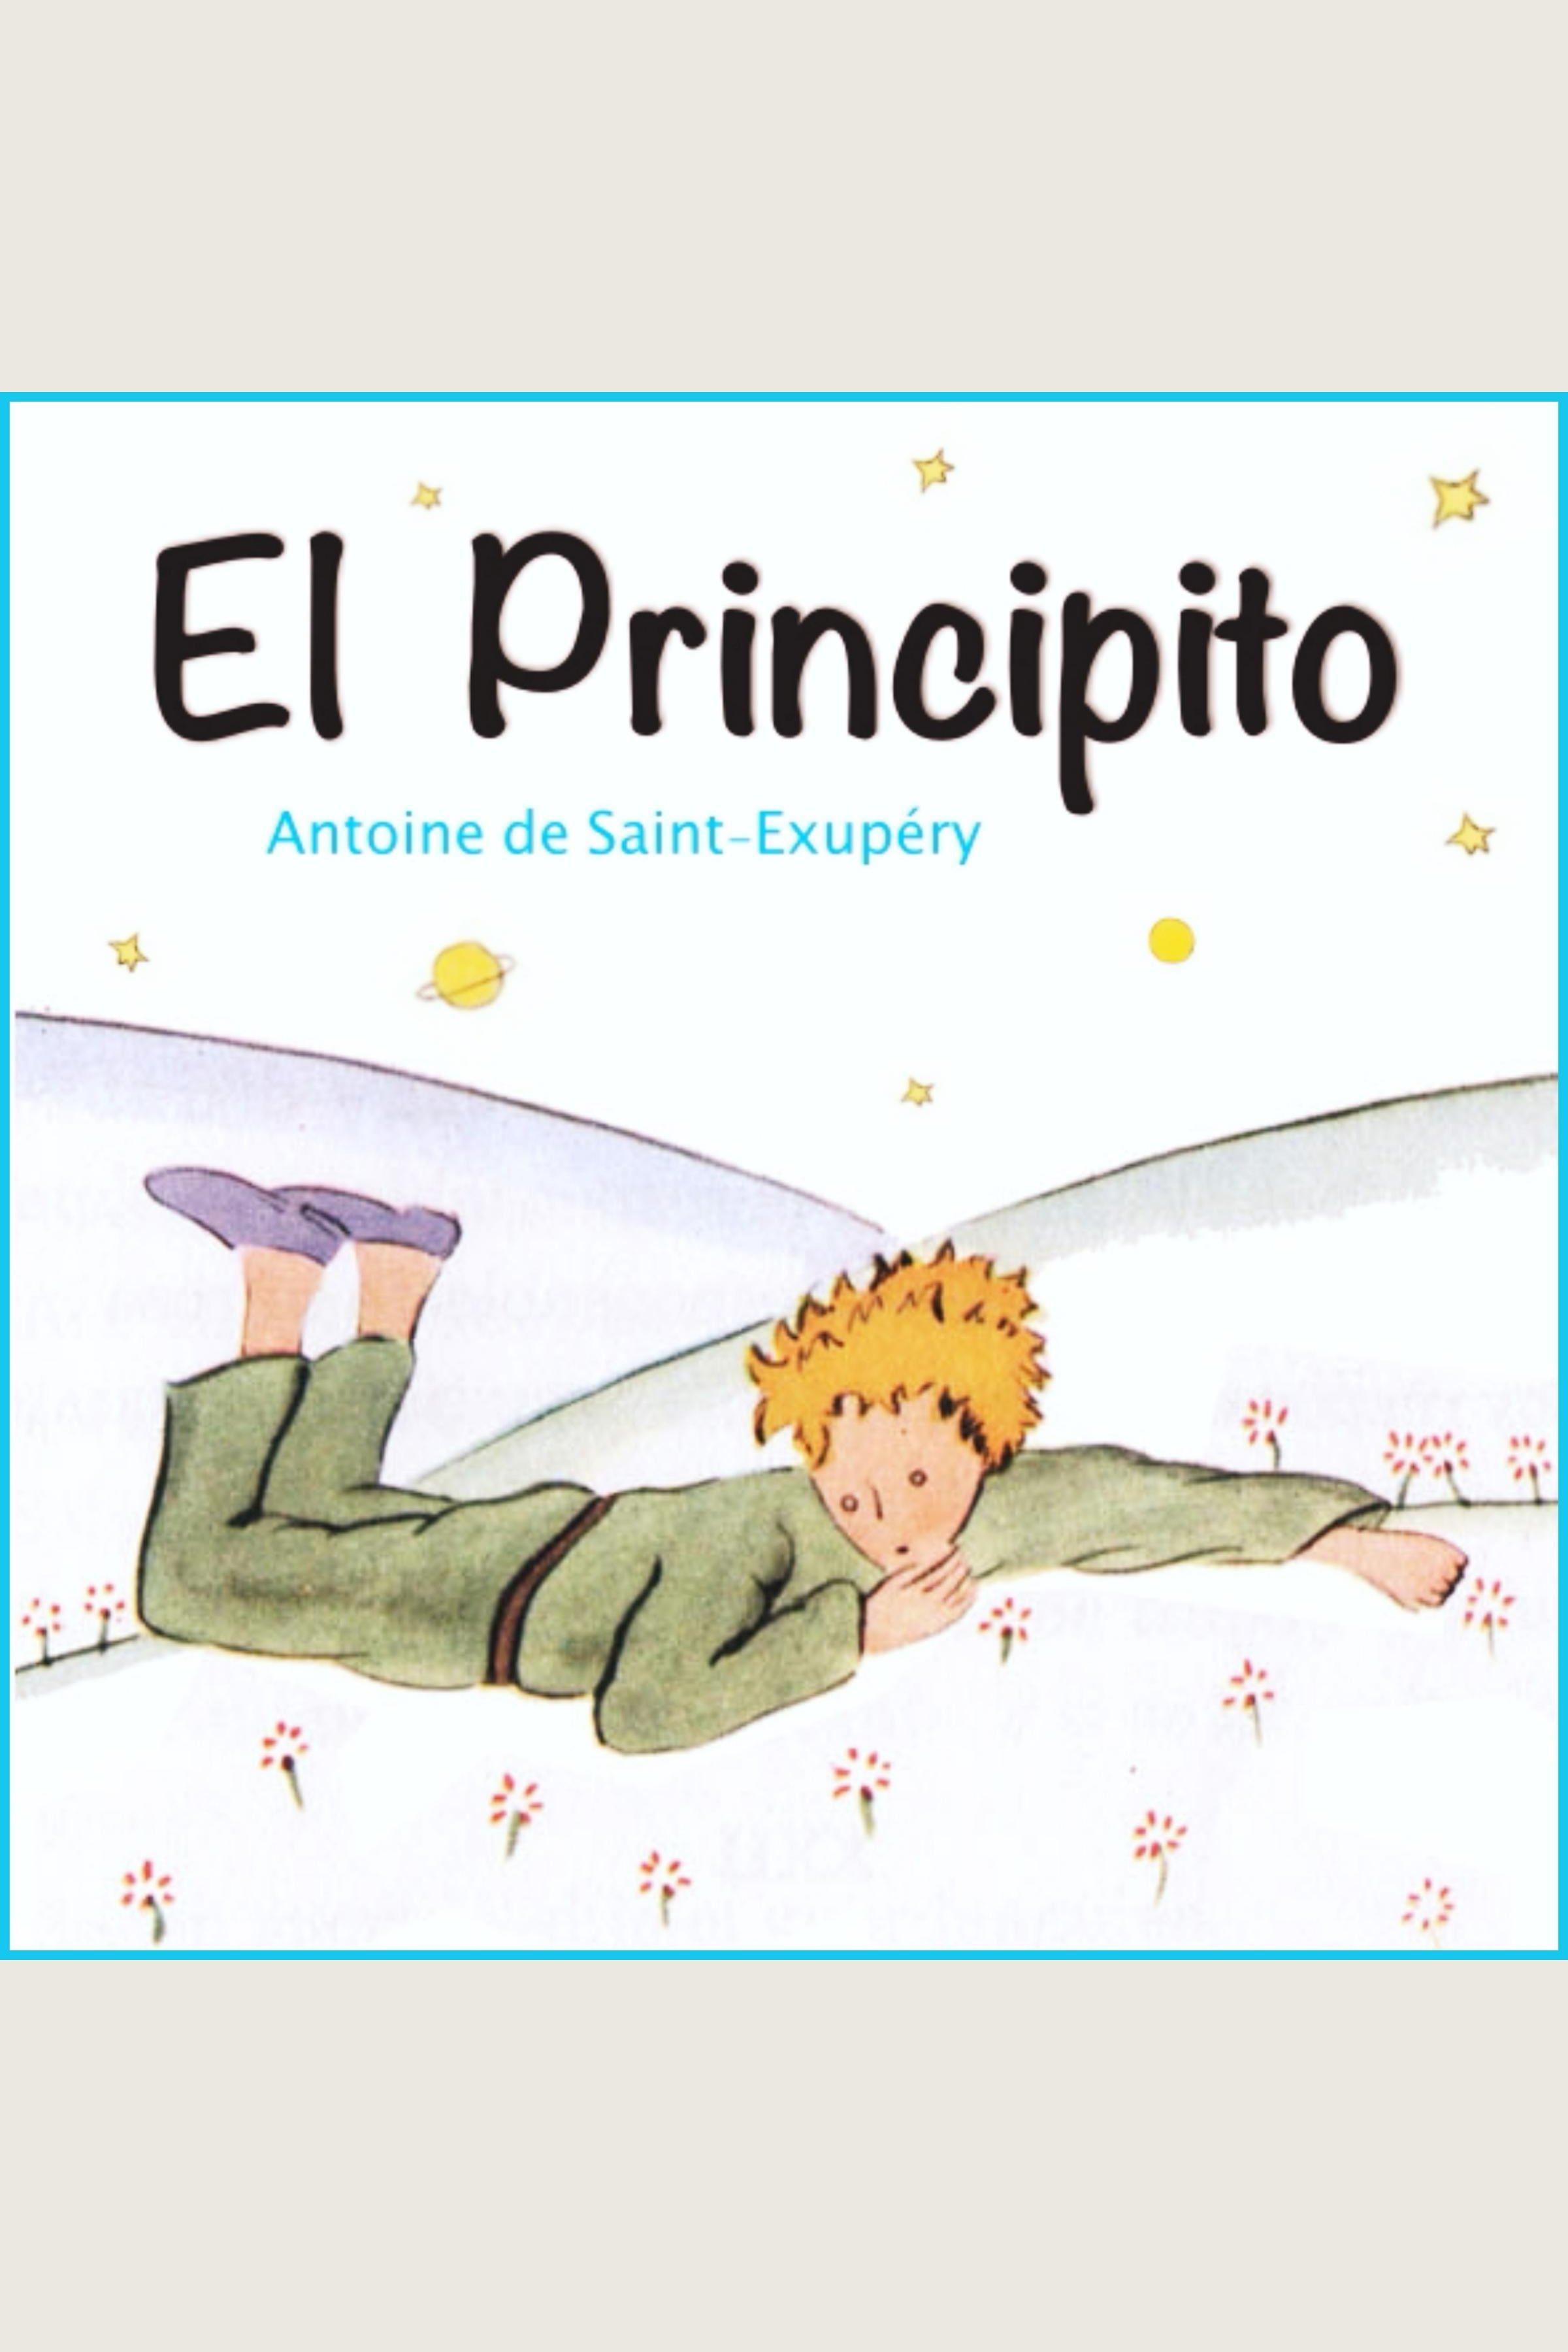 Esta es la portada del audiolibro El Principito